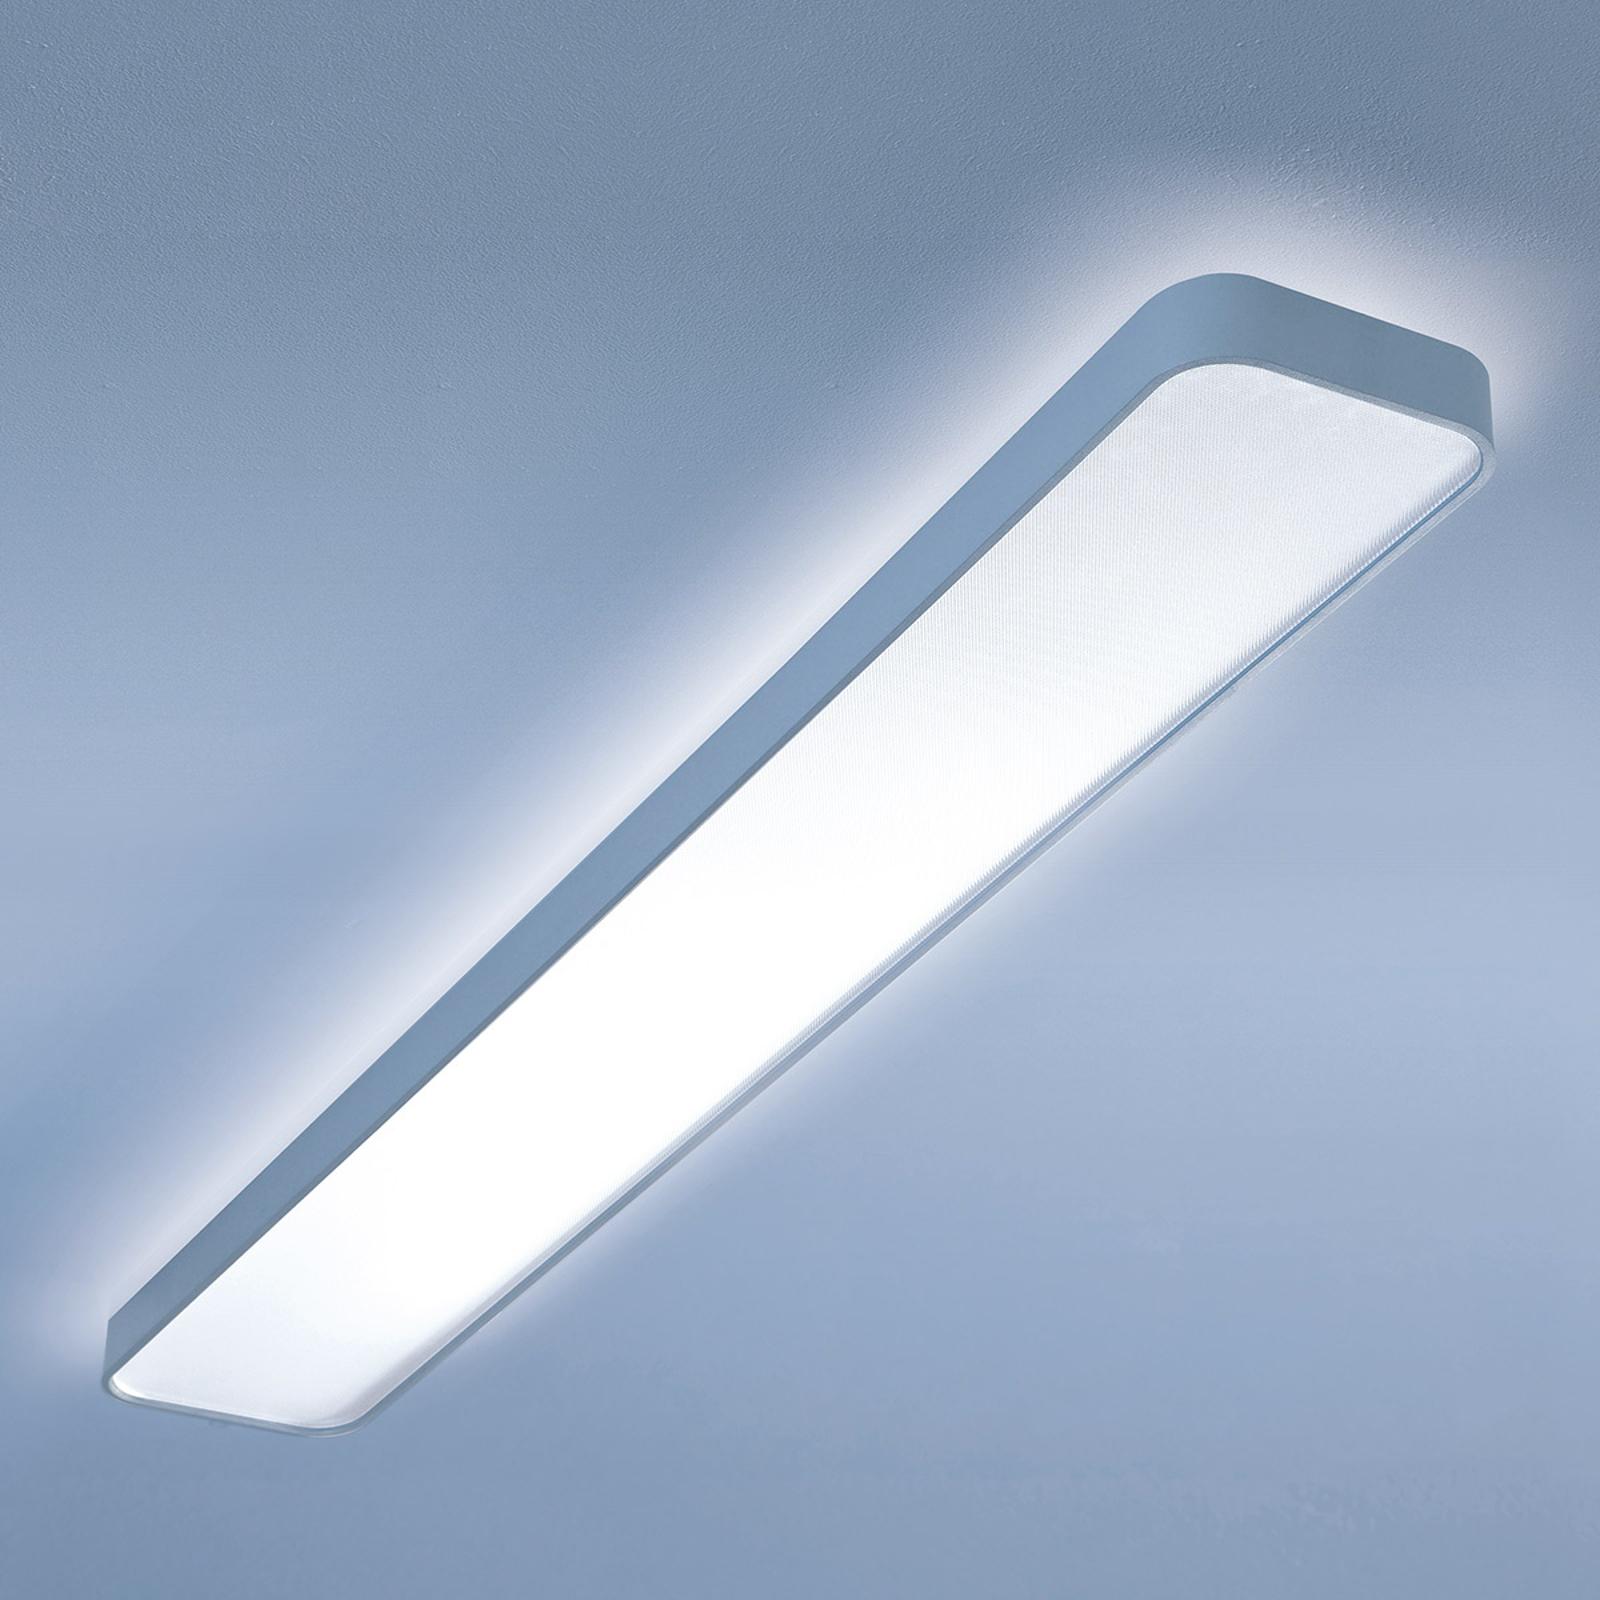 Plafonnier LED long Caleo-X1 blanc chaud 120 cm